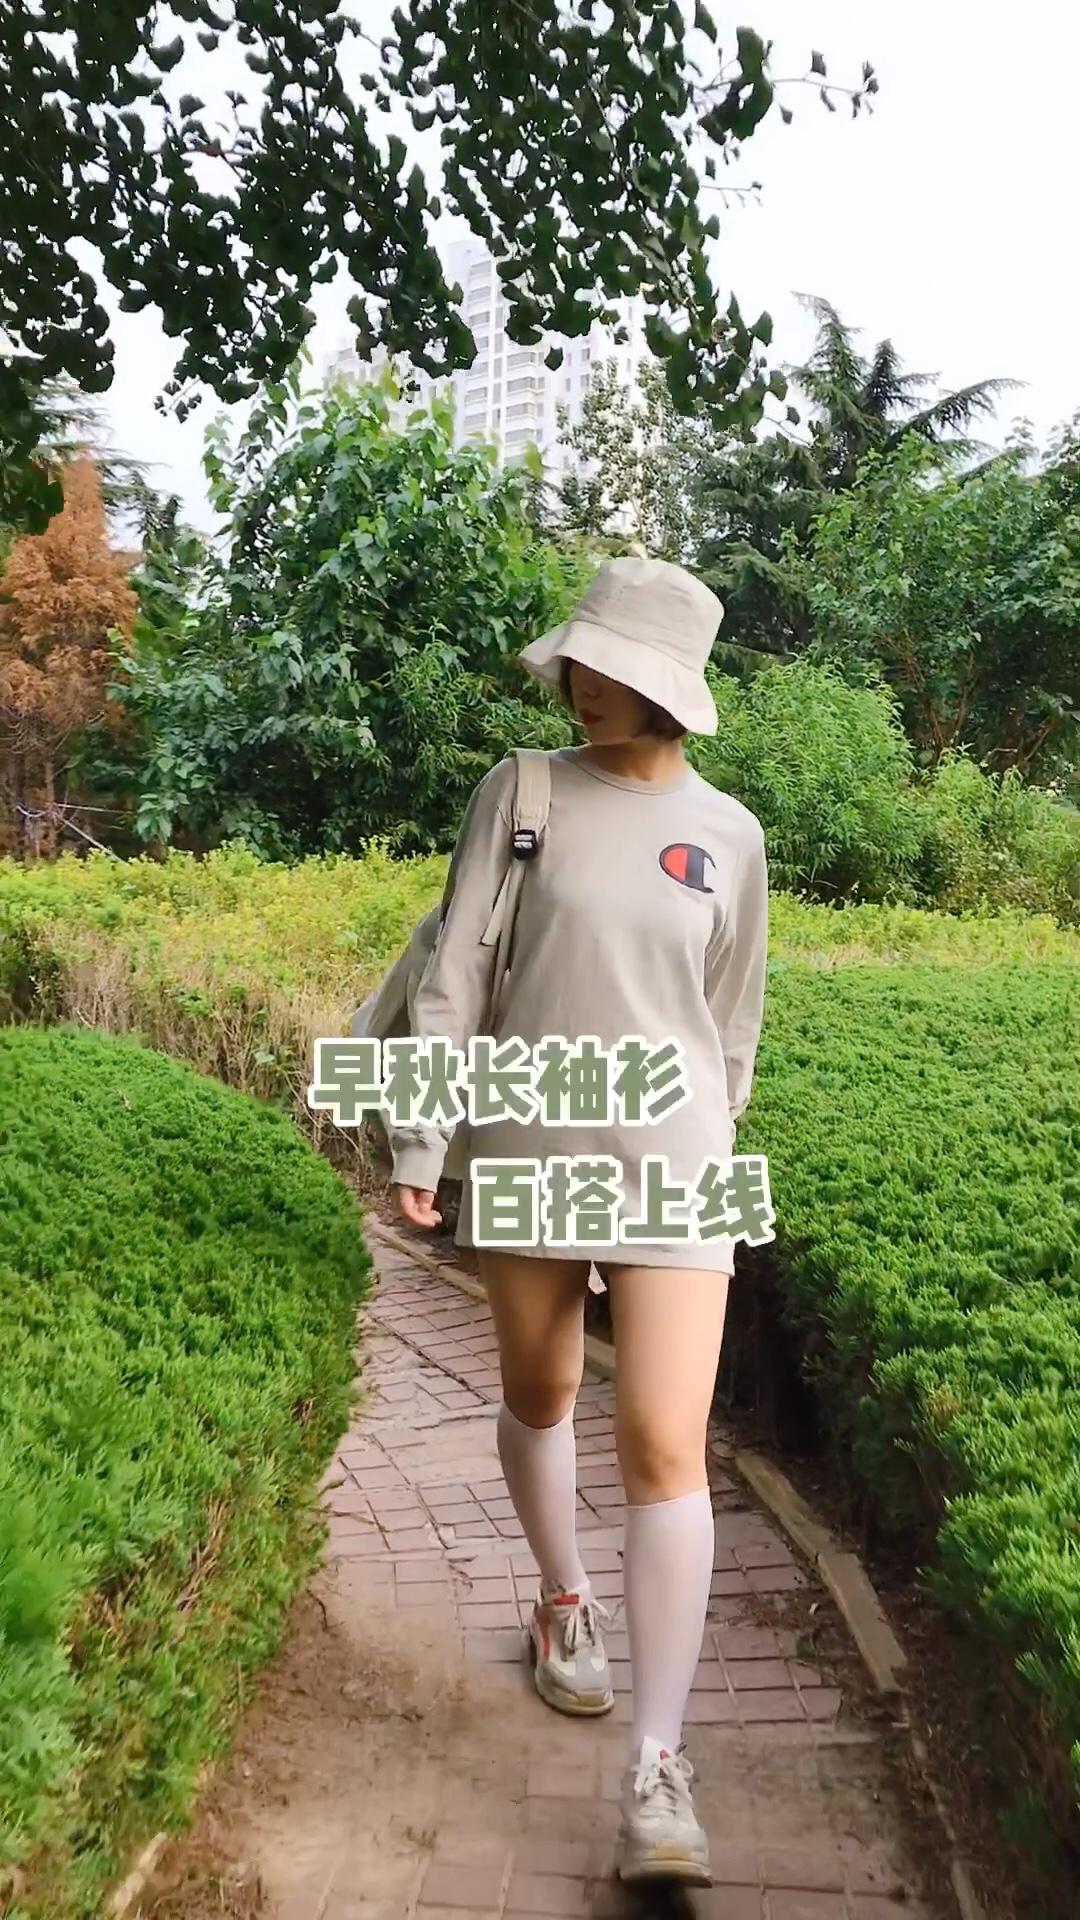 #入秋单品王,这件最上头#  遇见早秋,轻装上阵,穿一件长款T恤就好,套上一件简单的长袖T恤,真的是很轻松、很舒适啊~ 下半身失踪穿搭,再不get你就落后了!